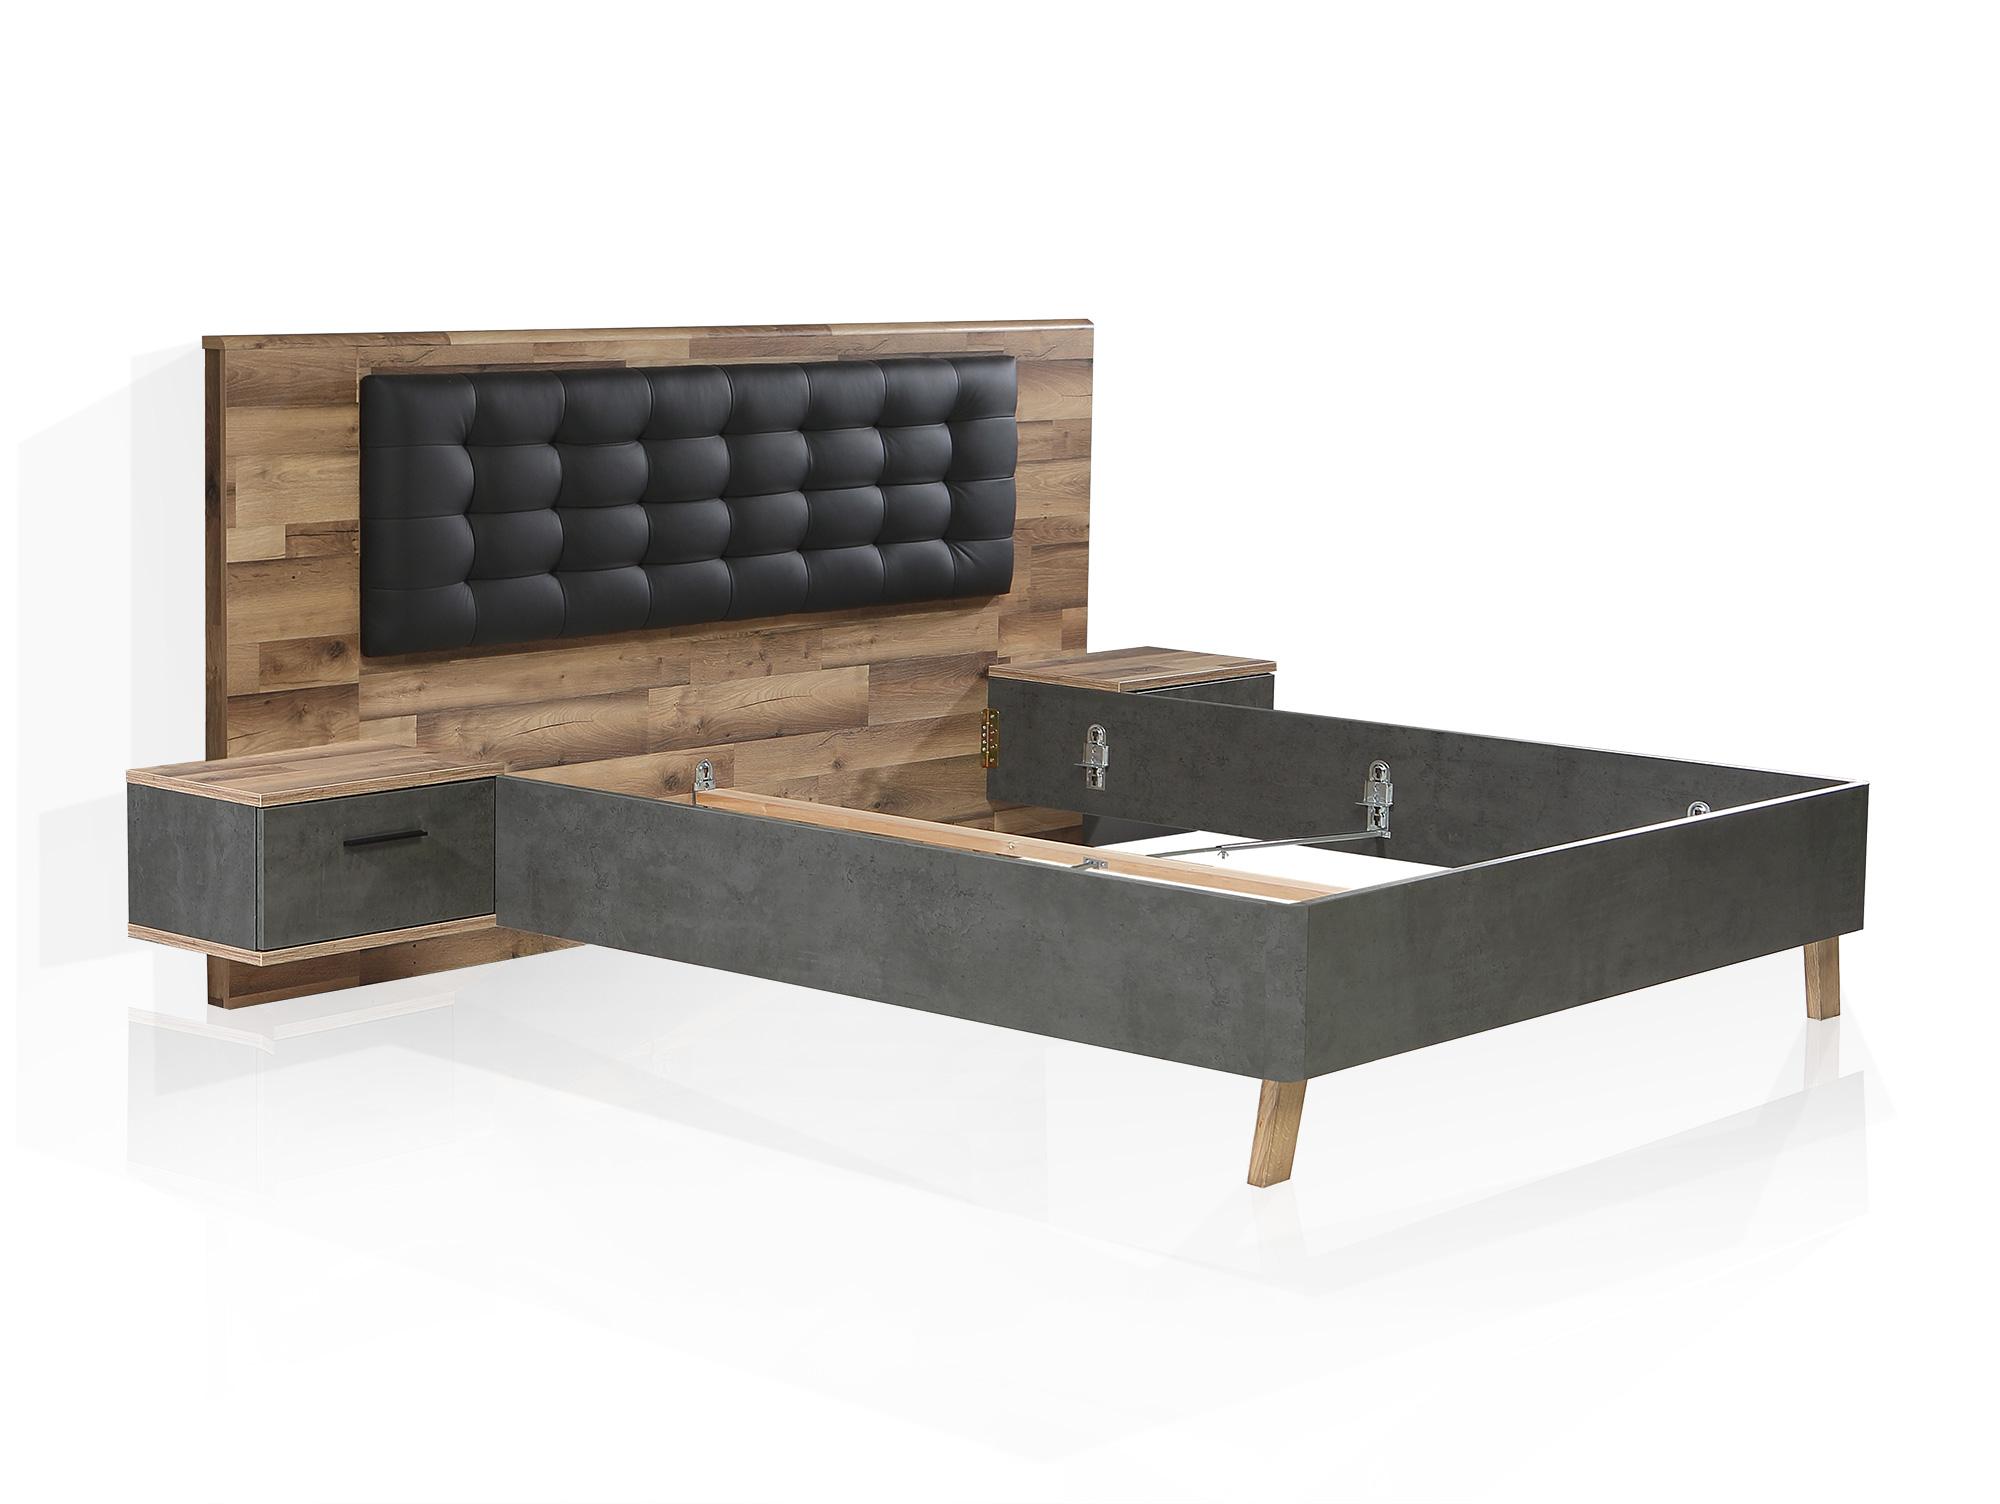 ... RICCANO Komplett Schlafzimmer II, Material Dekorspanplatte,  Stabeichefarbig/grau ...